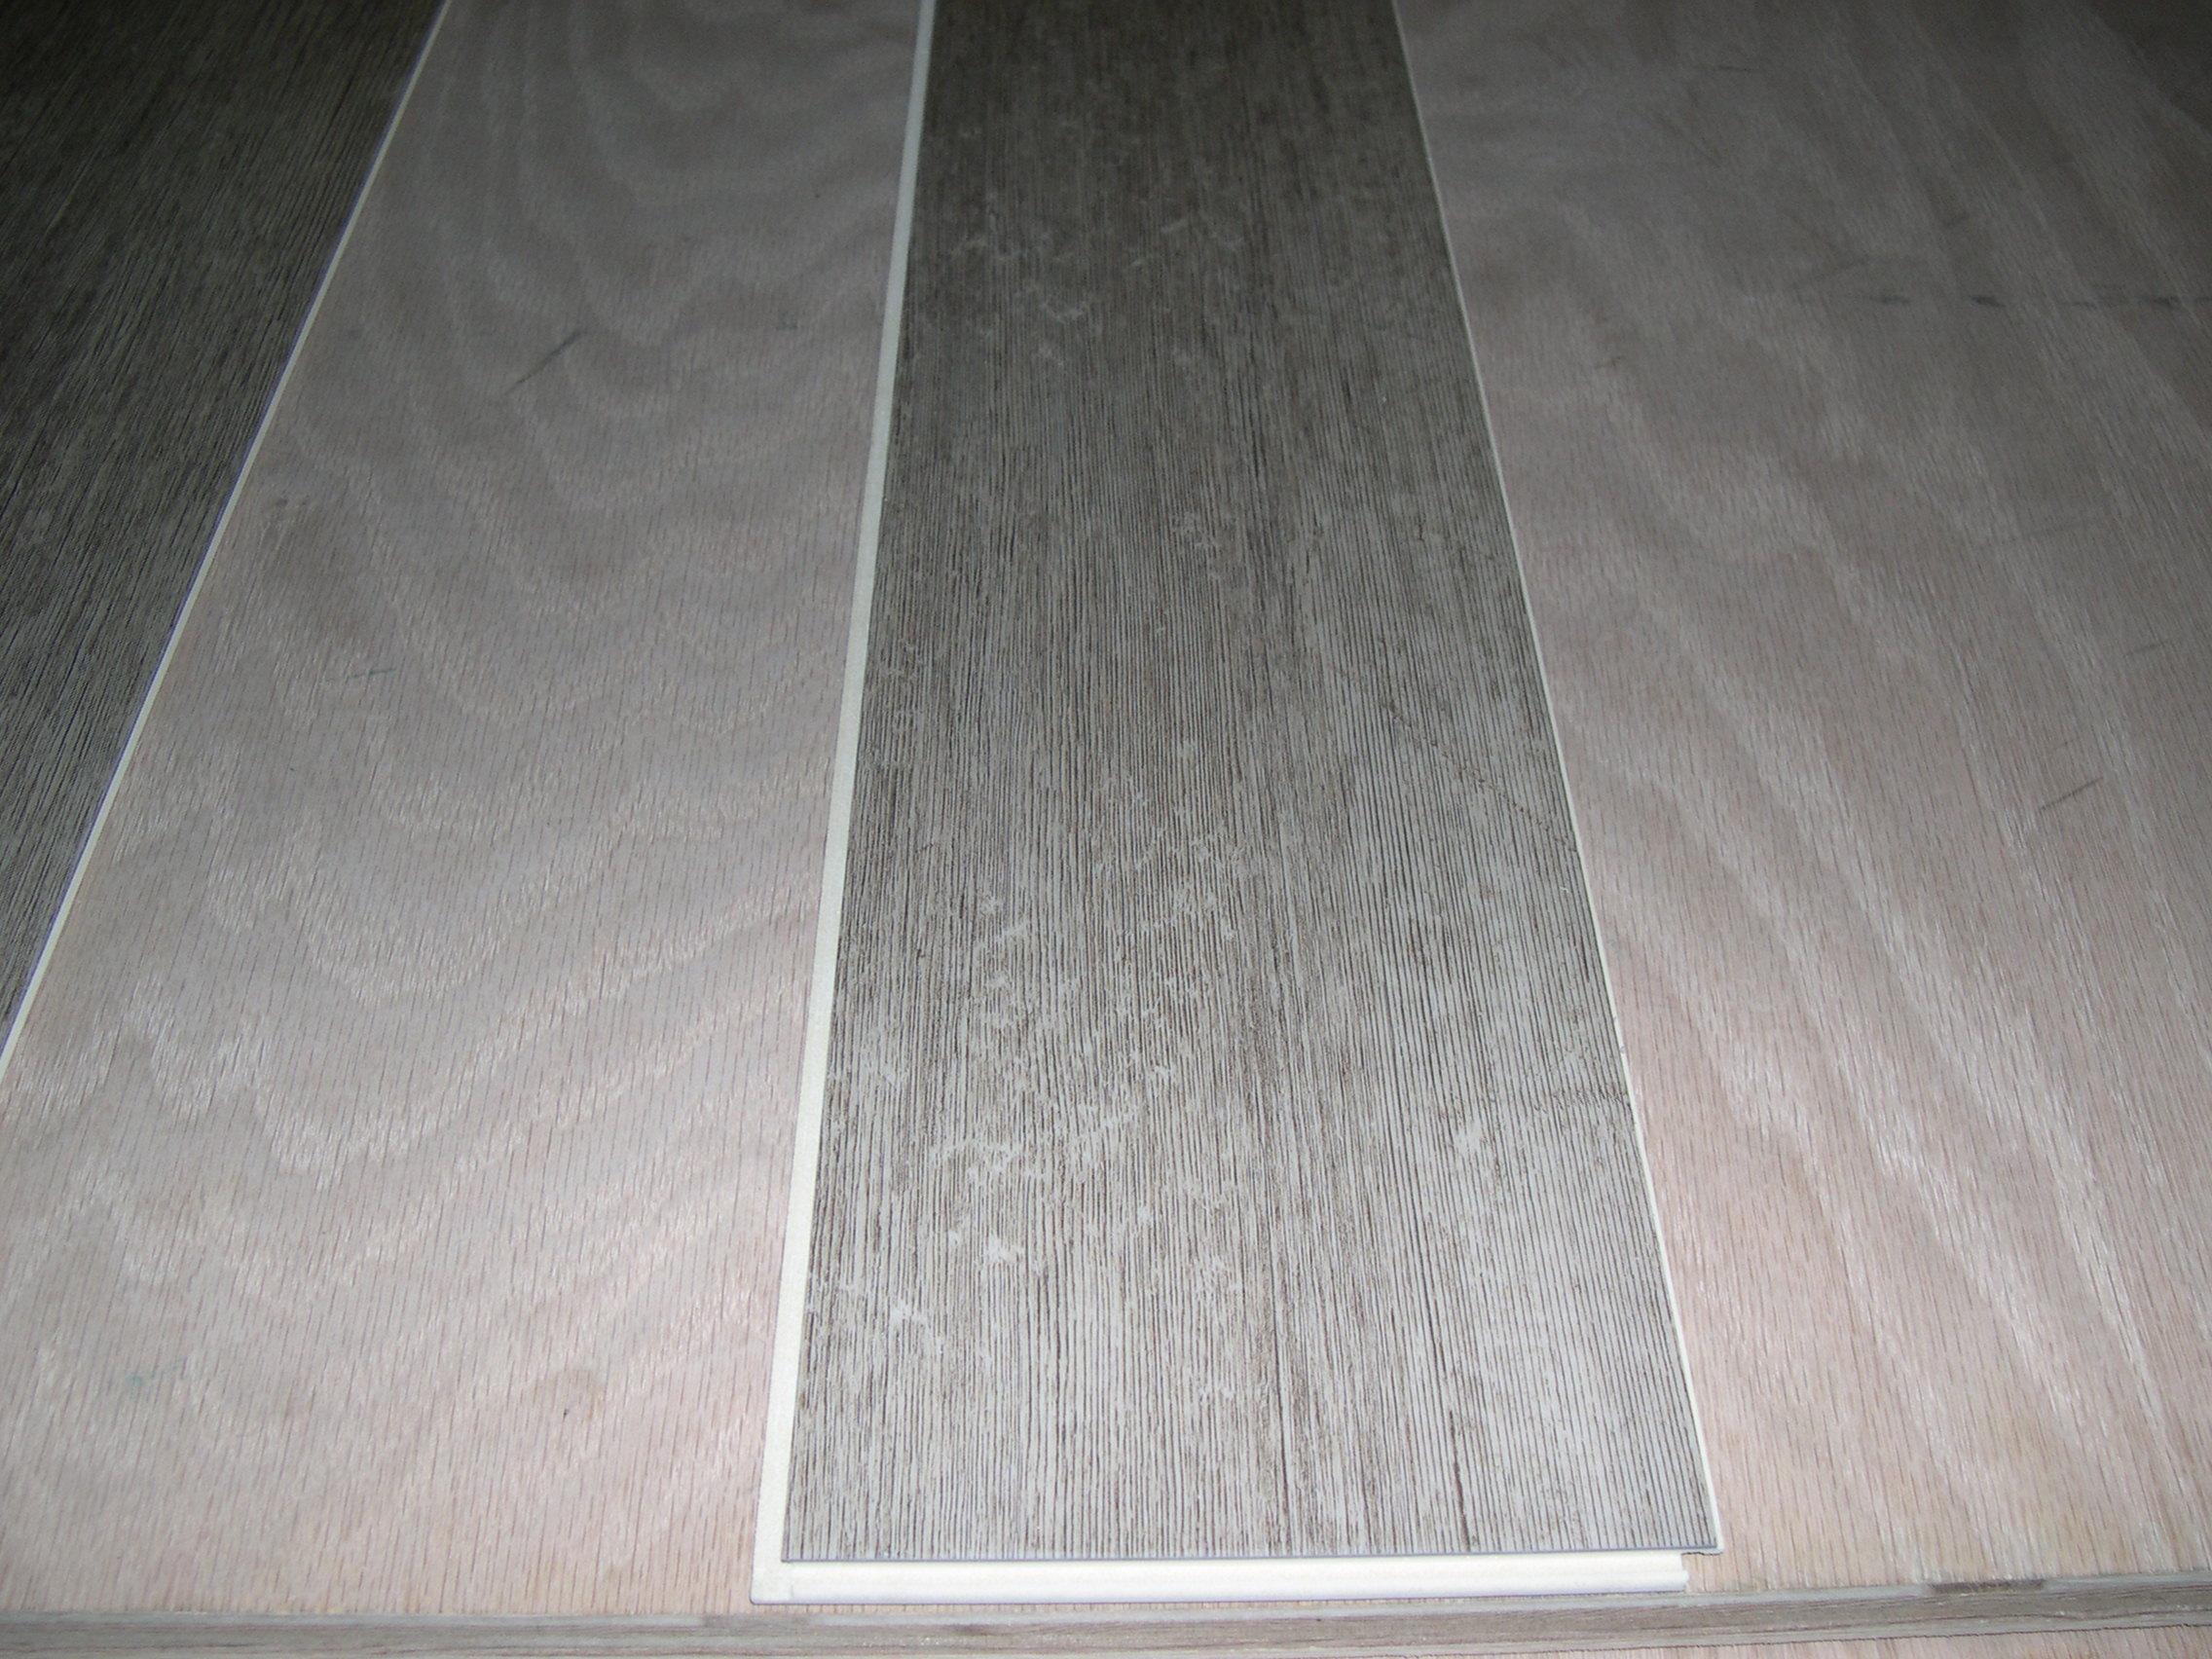 Vinyl Plank Flooring Building Materials Bargain Center